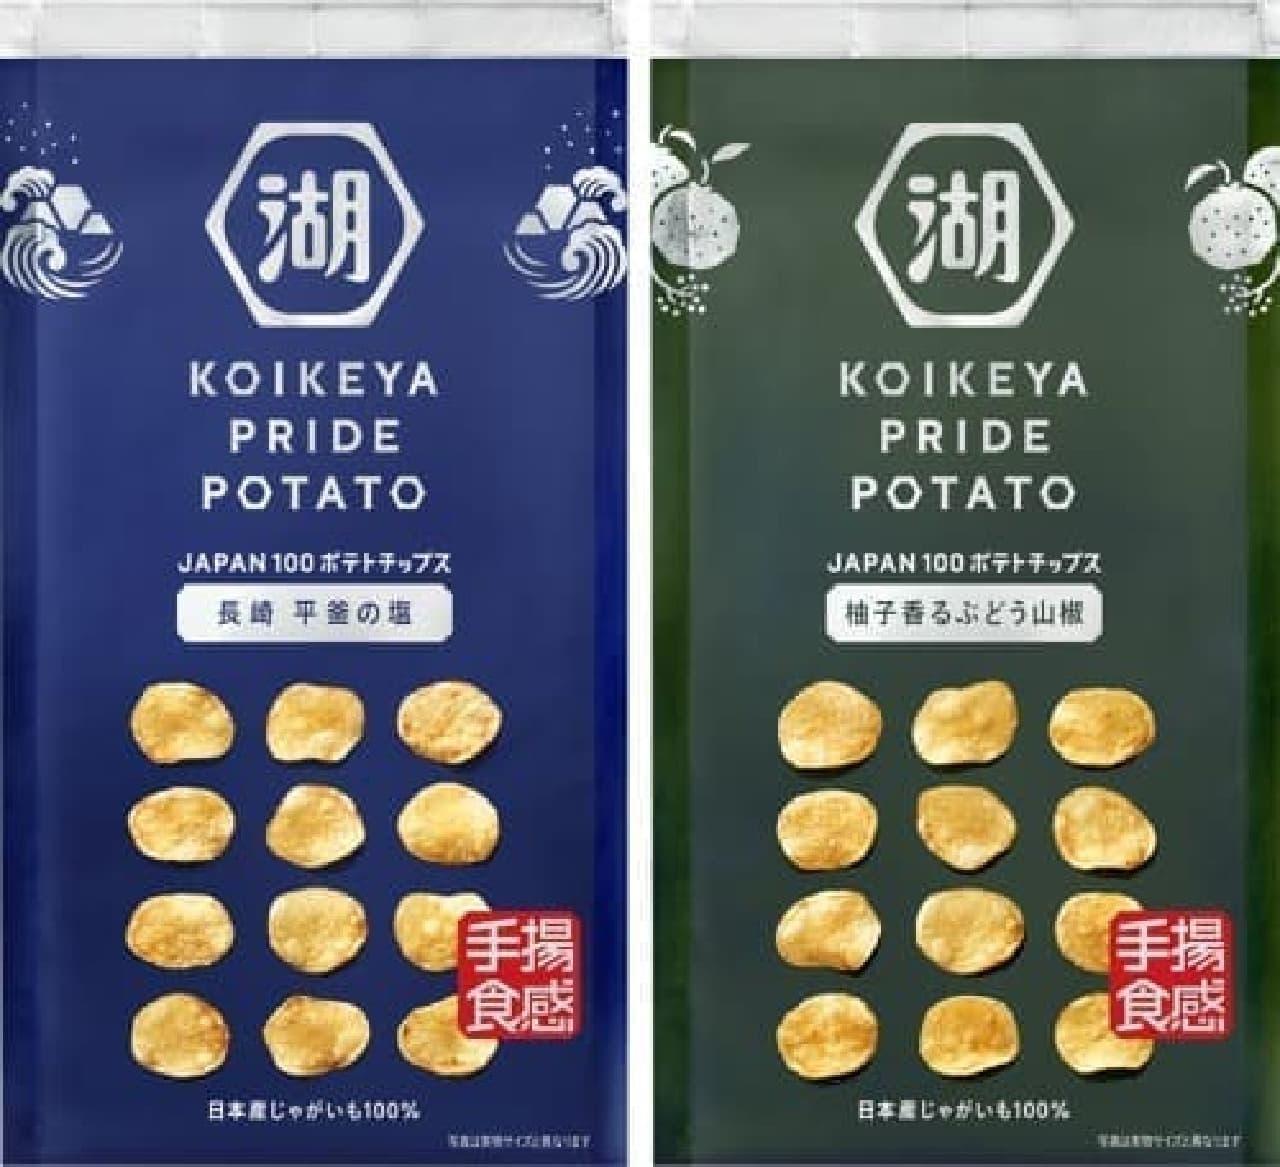 『KOIKEYA PRIDE POTATO(コイケヤ プライド ポテト)』シリーズの新作「手揚食感 長崎平釜の塩」と「同 柚子香るぶどう山椒」